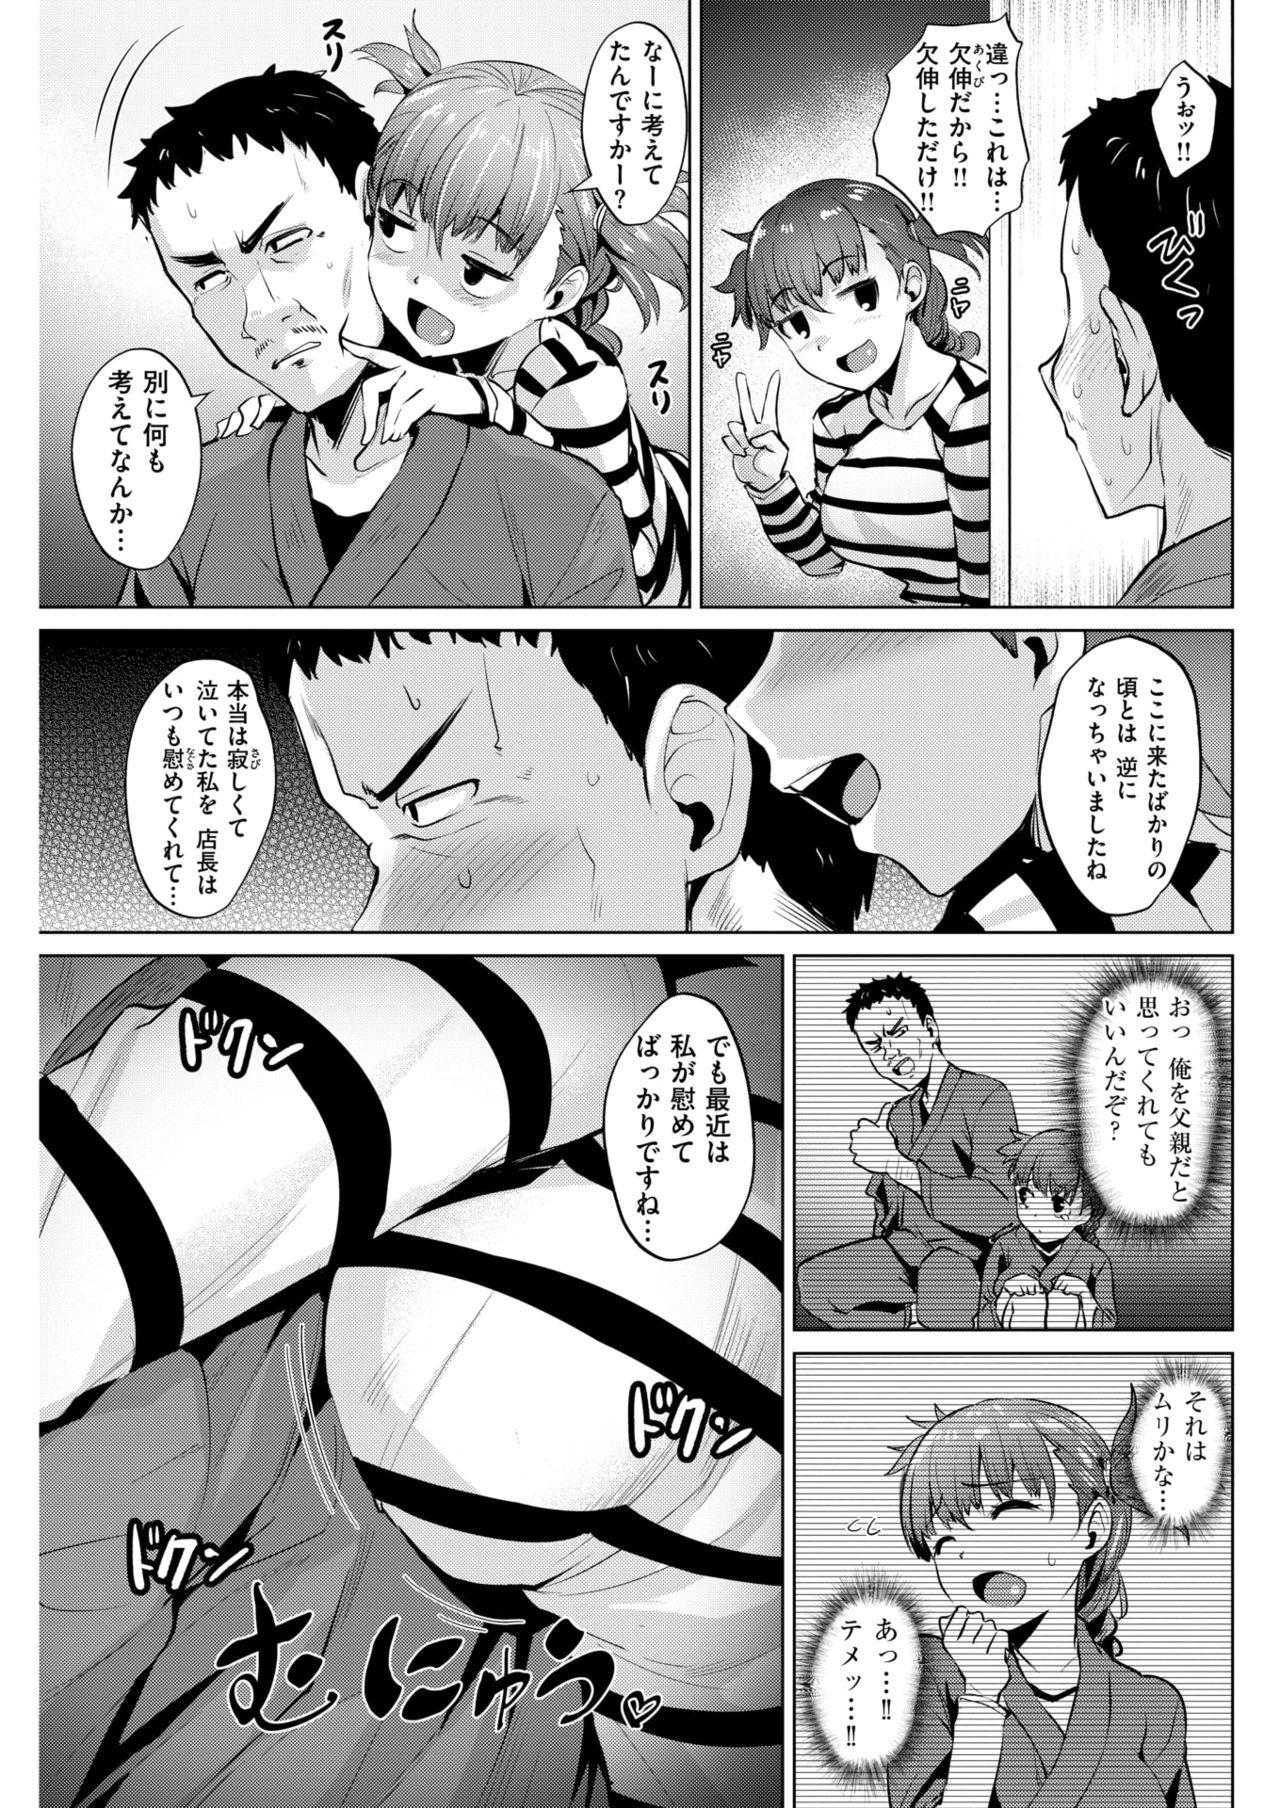 COMIC Kairakuten BEAST 2018-05 151